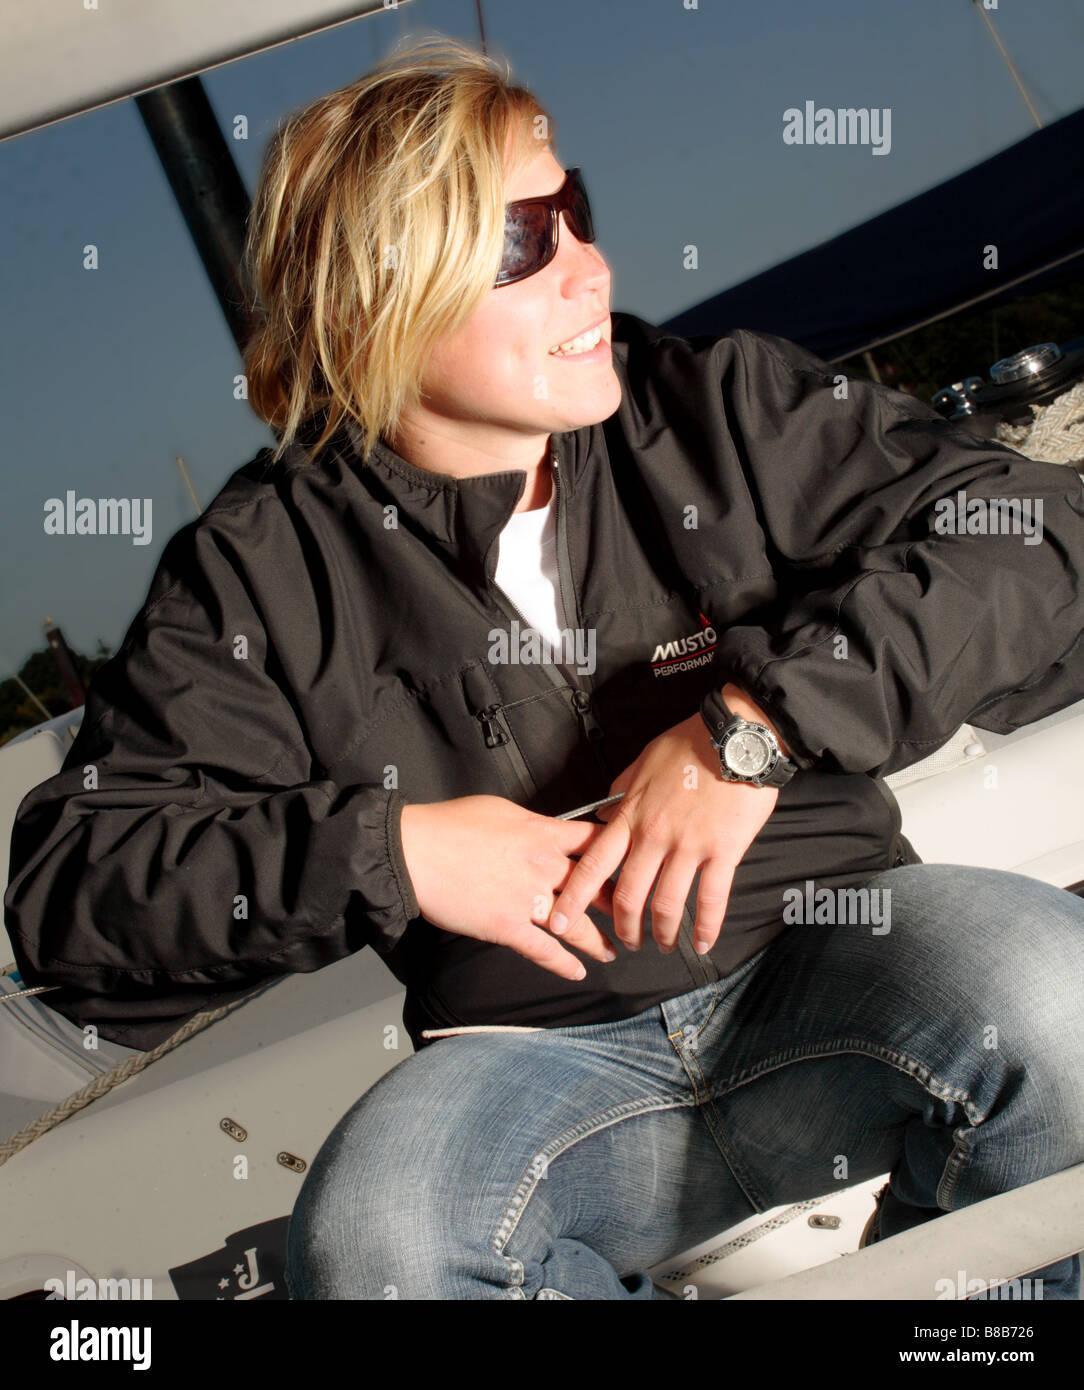 Mädchen Alter 20-25 auf einer yacht Stockbild